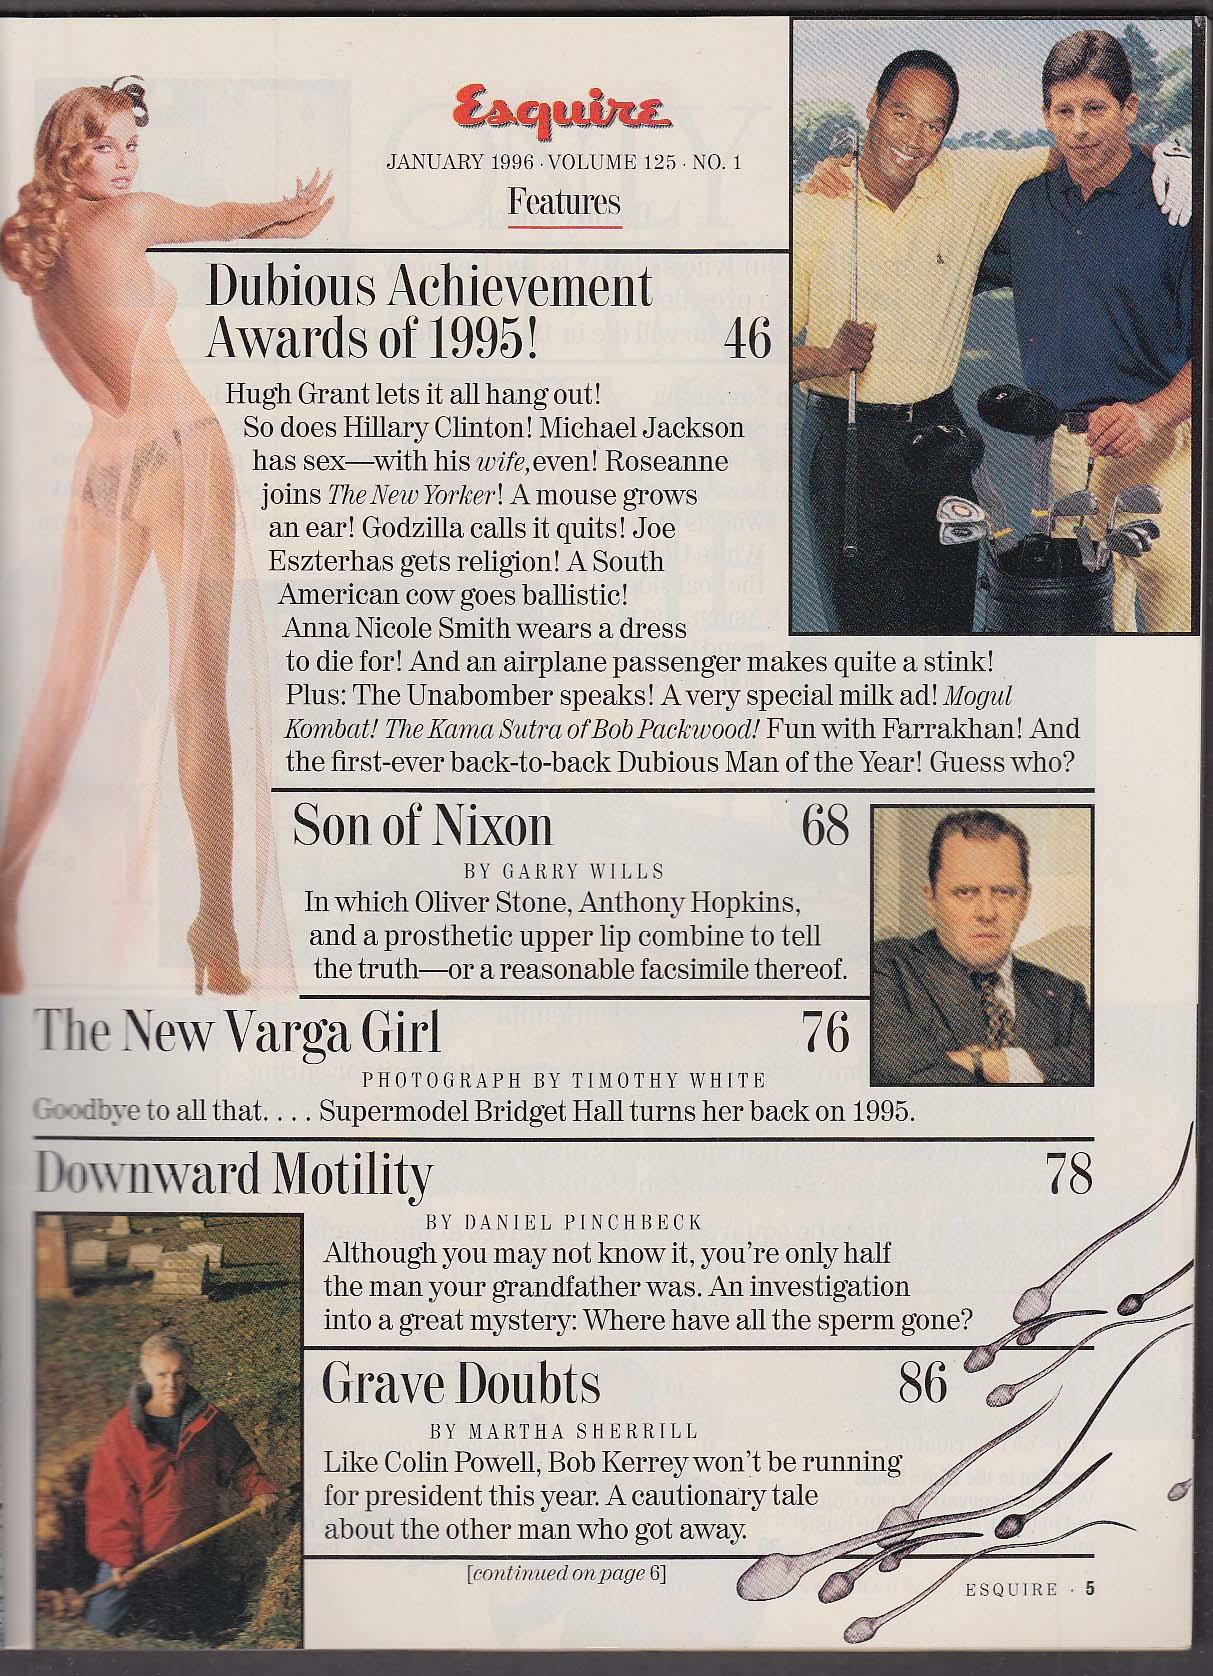 ESQUIRE Unabomber Hugh Grant Farrakhan Anna Nicole Smith 1 1996